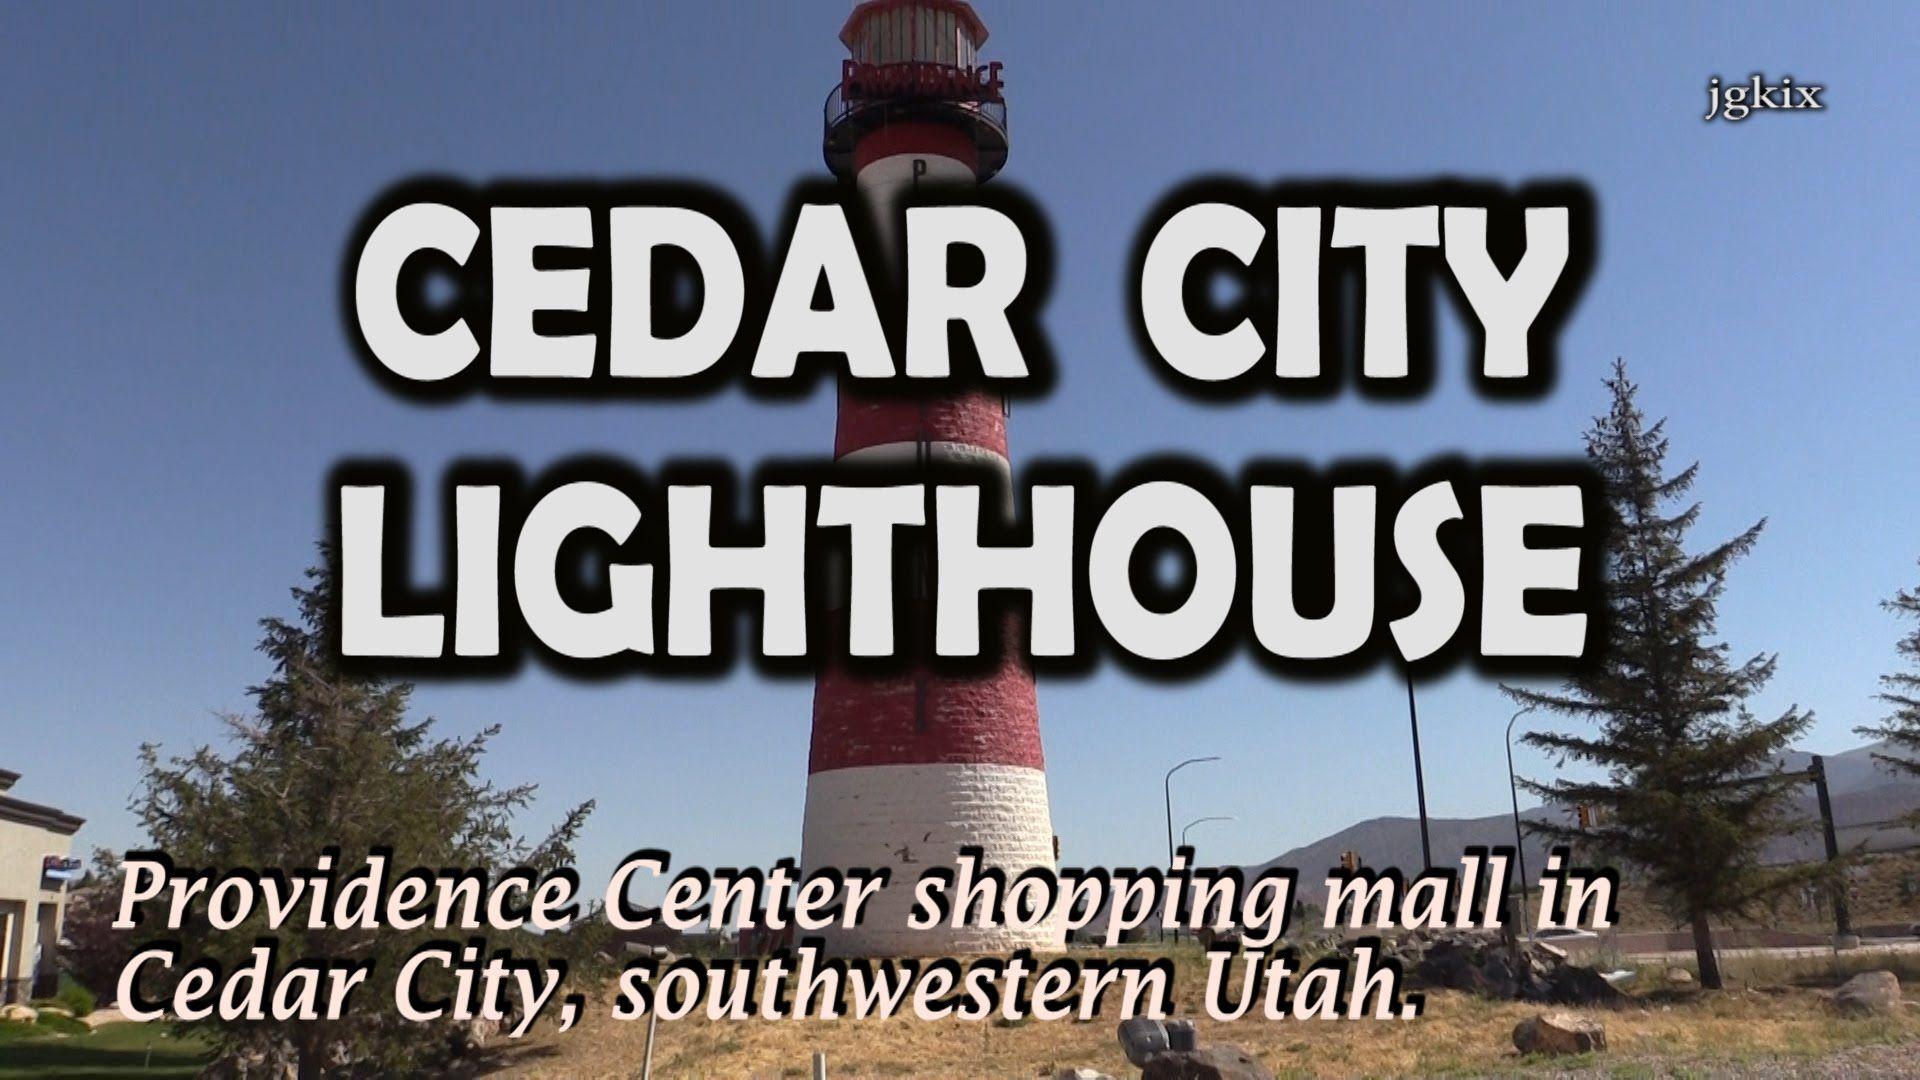 Cedar City Lighthouse, Utah Cedar city, City, Lighthouse